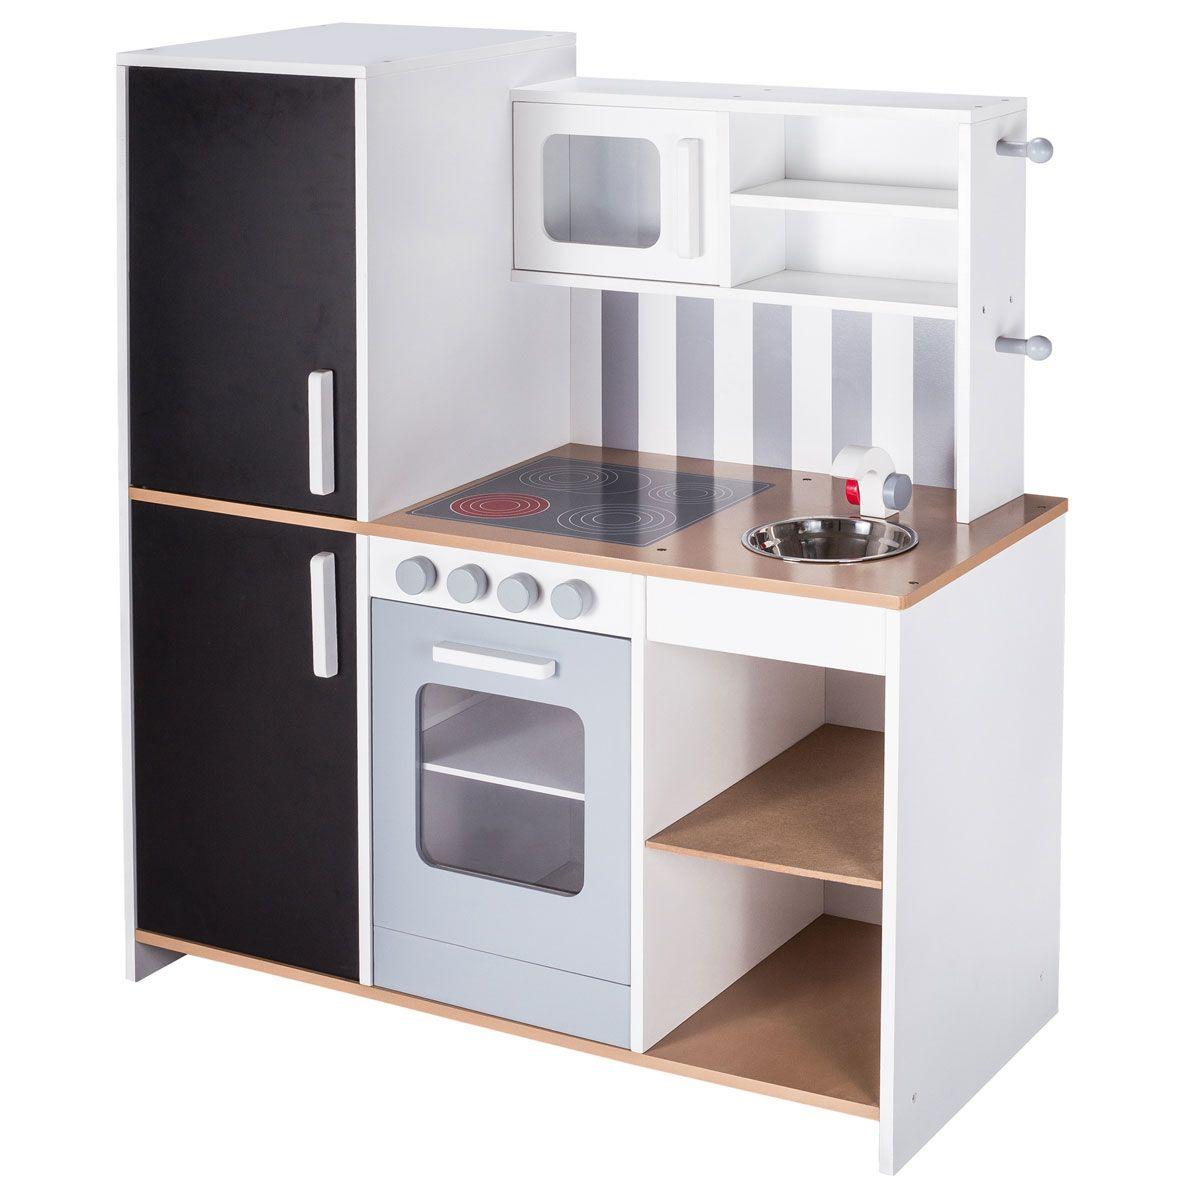 roba kinderk che london kinderzimmer pinterest kinderk che spielk che und kuchen. Black Bedroom Furniture Sets. Home Design Ideas